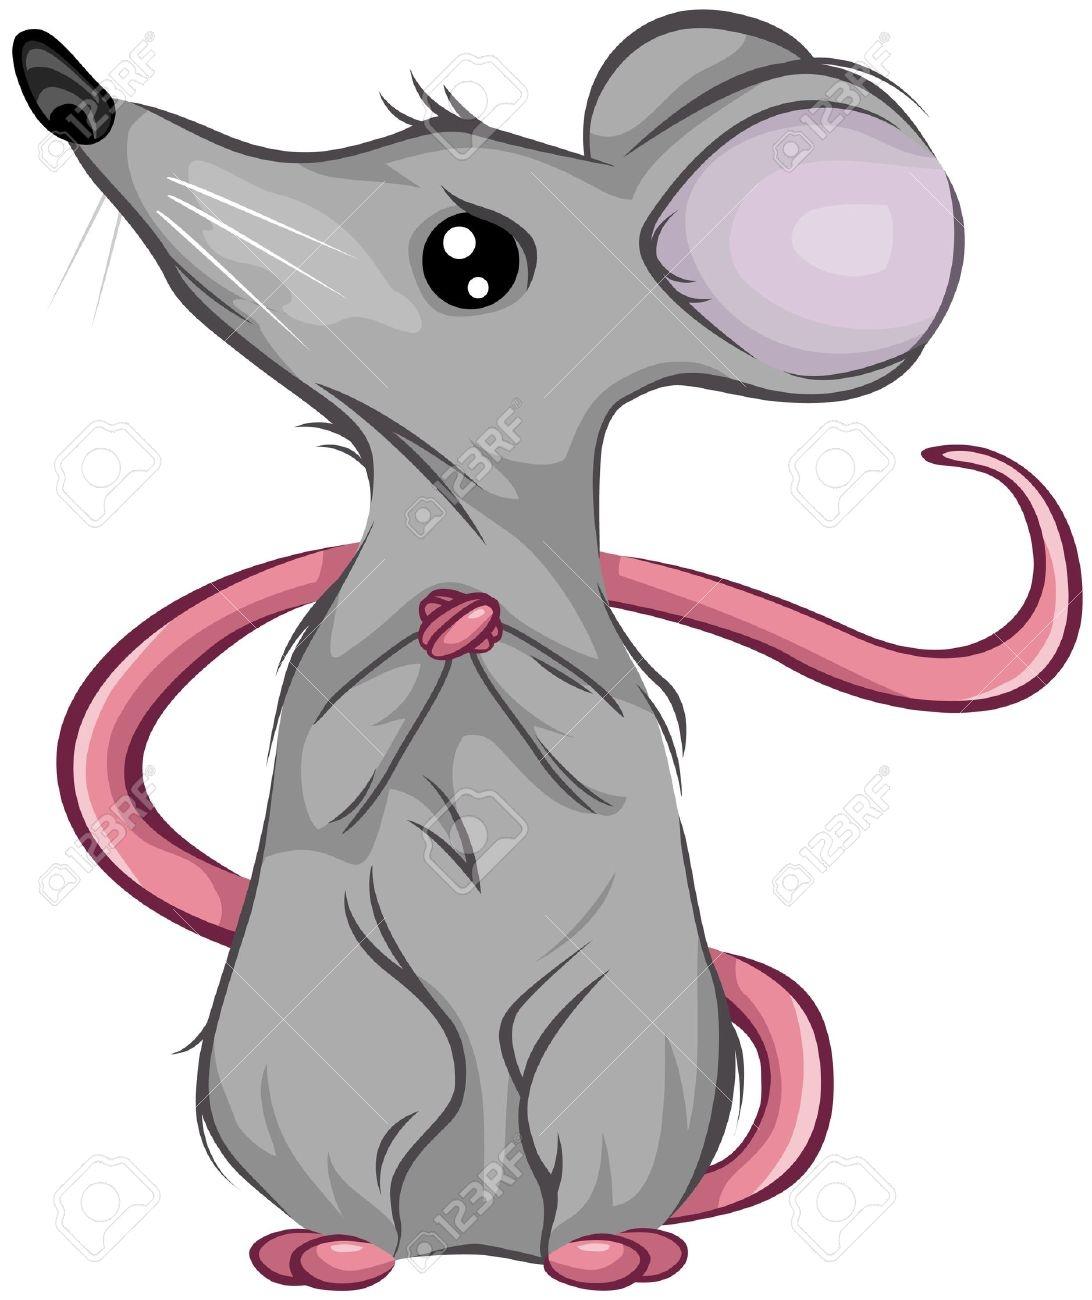 Transparent Mouse Clipart Clip art of Mouse Clipart #6951.